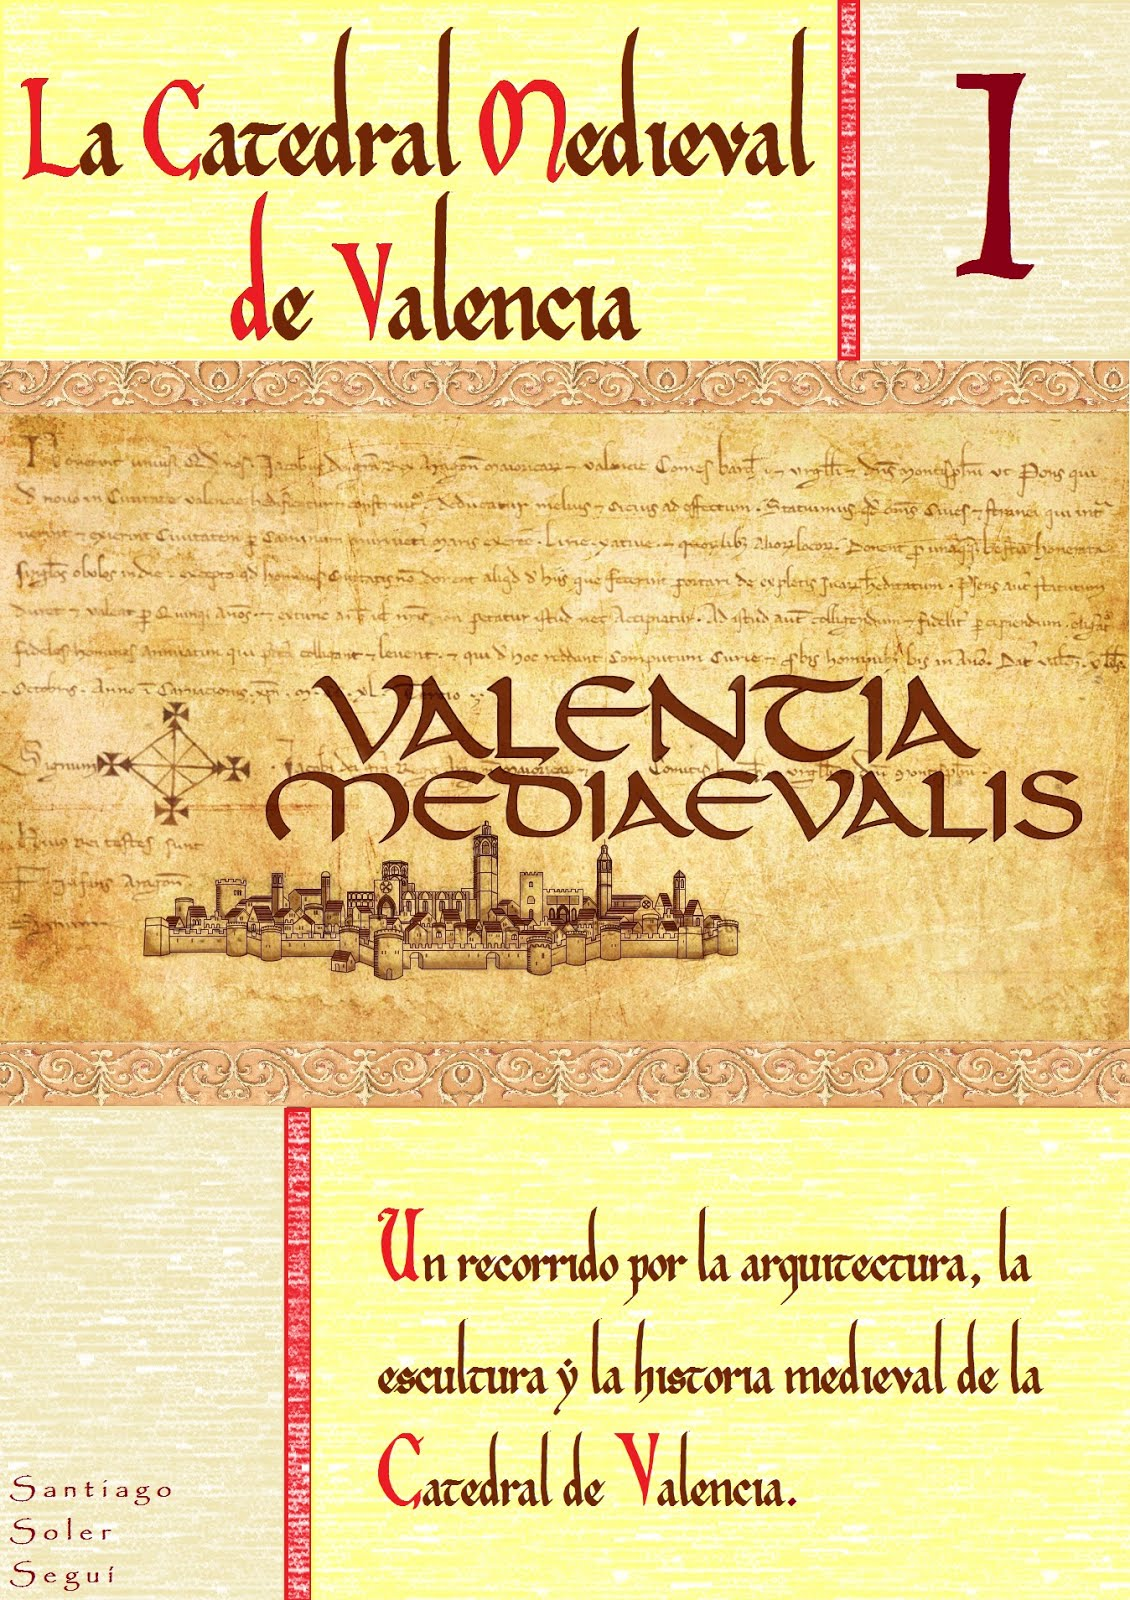 ¡¡  PINCHA EN LA IMAGEN Y DESCARGA YA EL PRIMER VOLUMEN DE VALENTIA MEDIAEVALIS !!